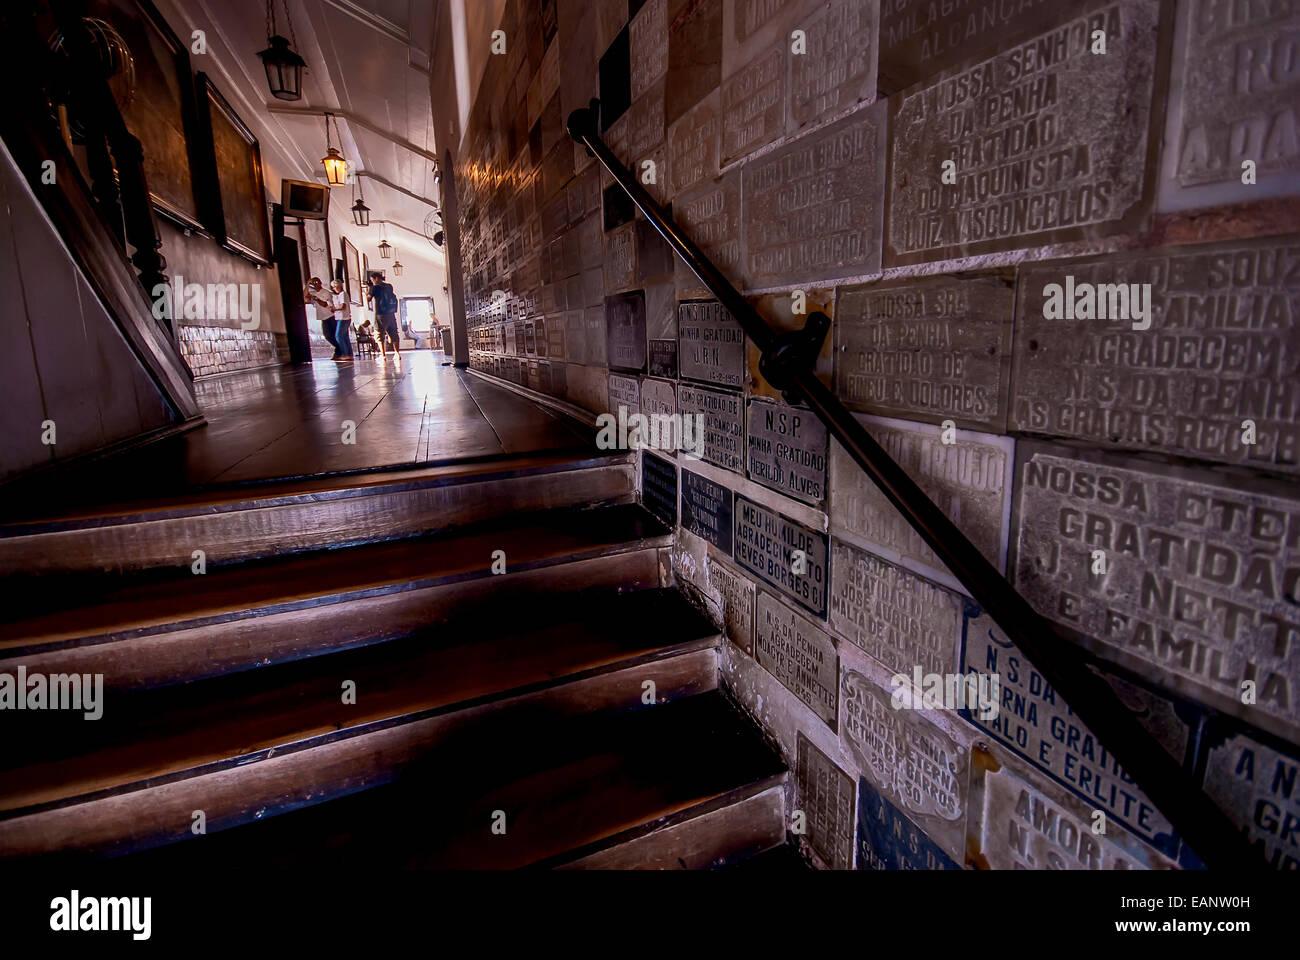 Placas de agradecimento no interior do Convento da Penha / Thank You signs inside the Penha Convent - Stock Image